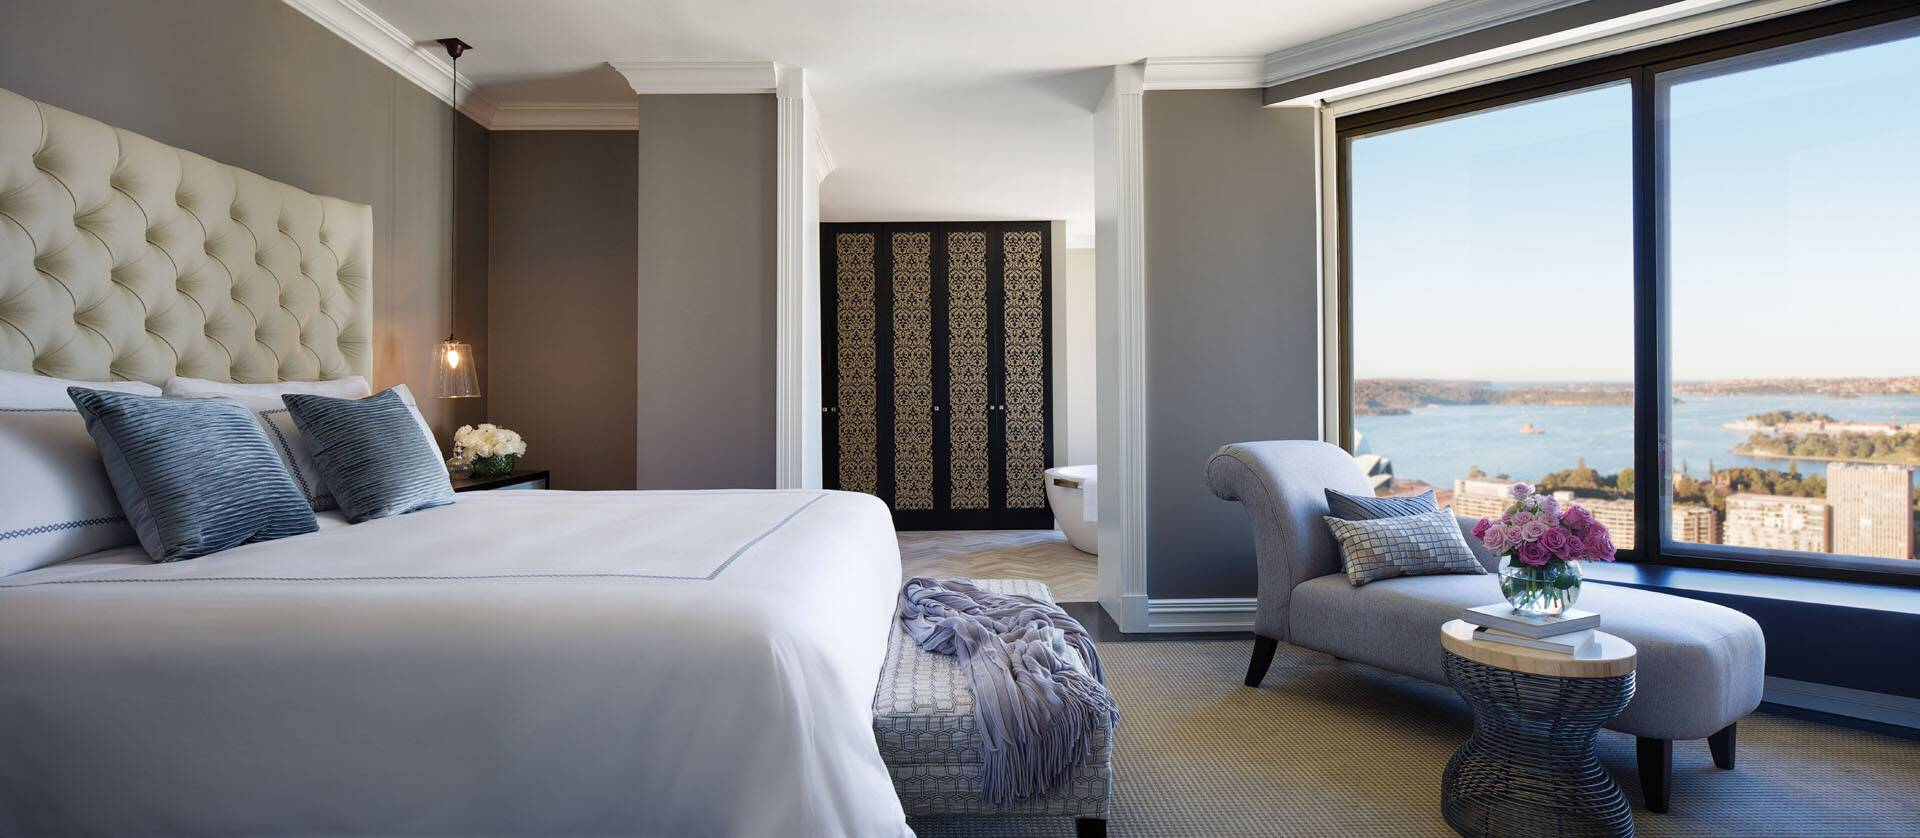 Four Seasons Sydney Royal Suite